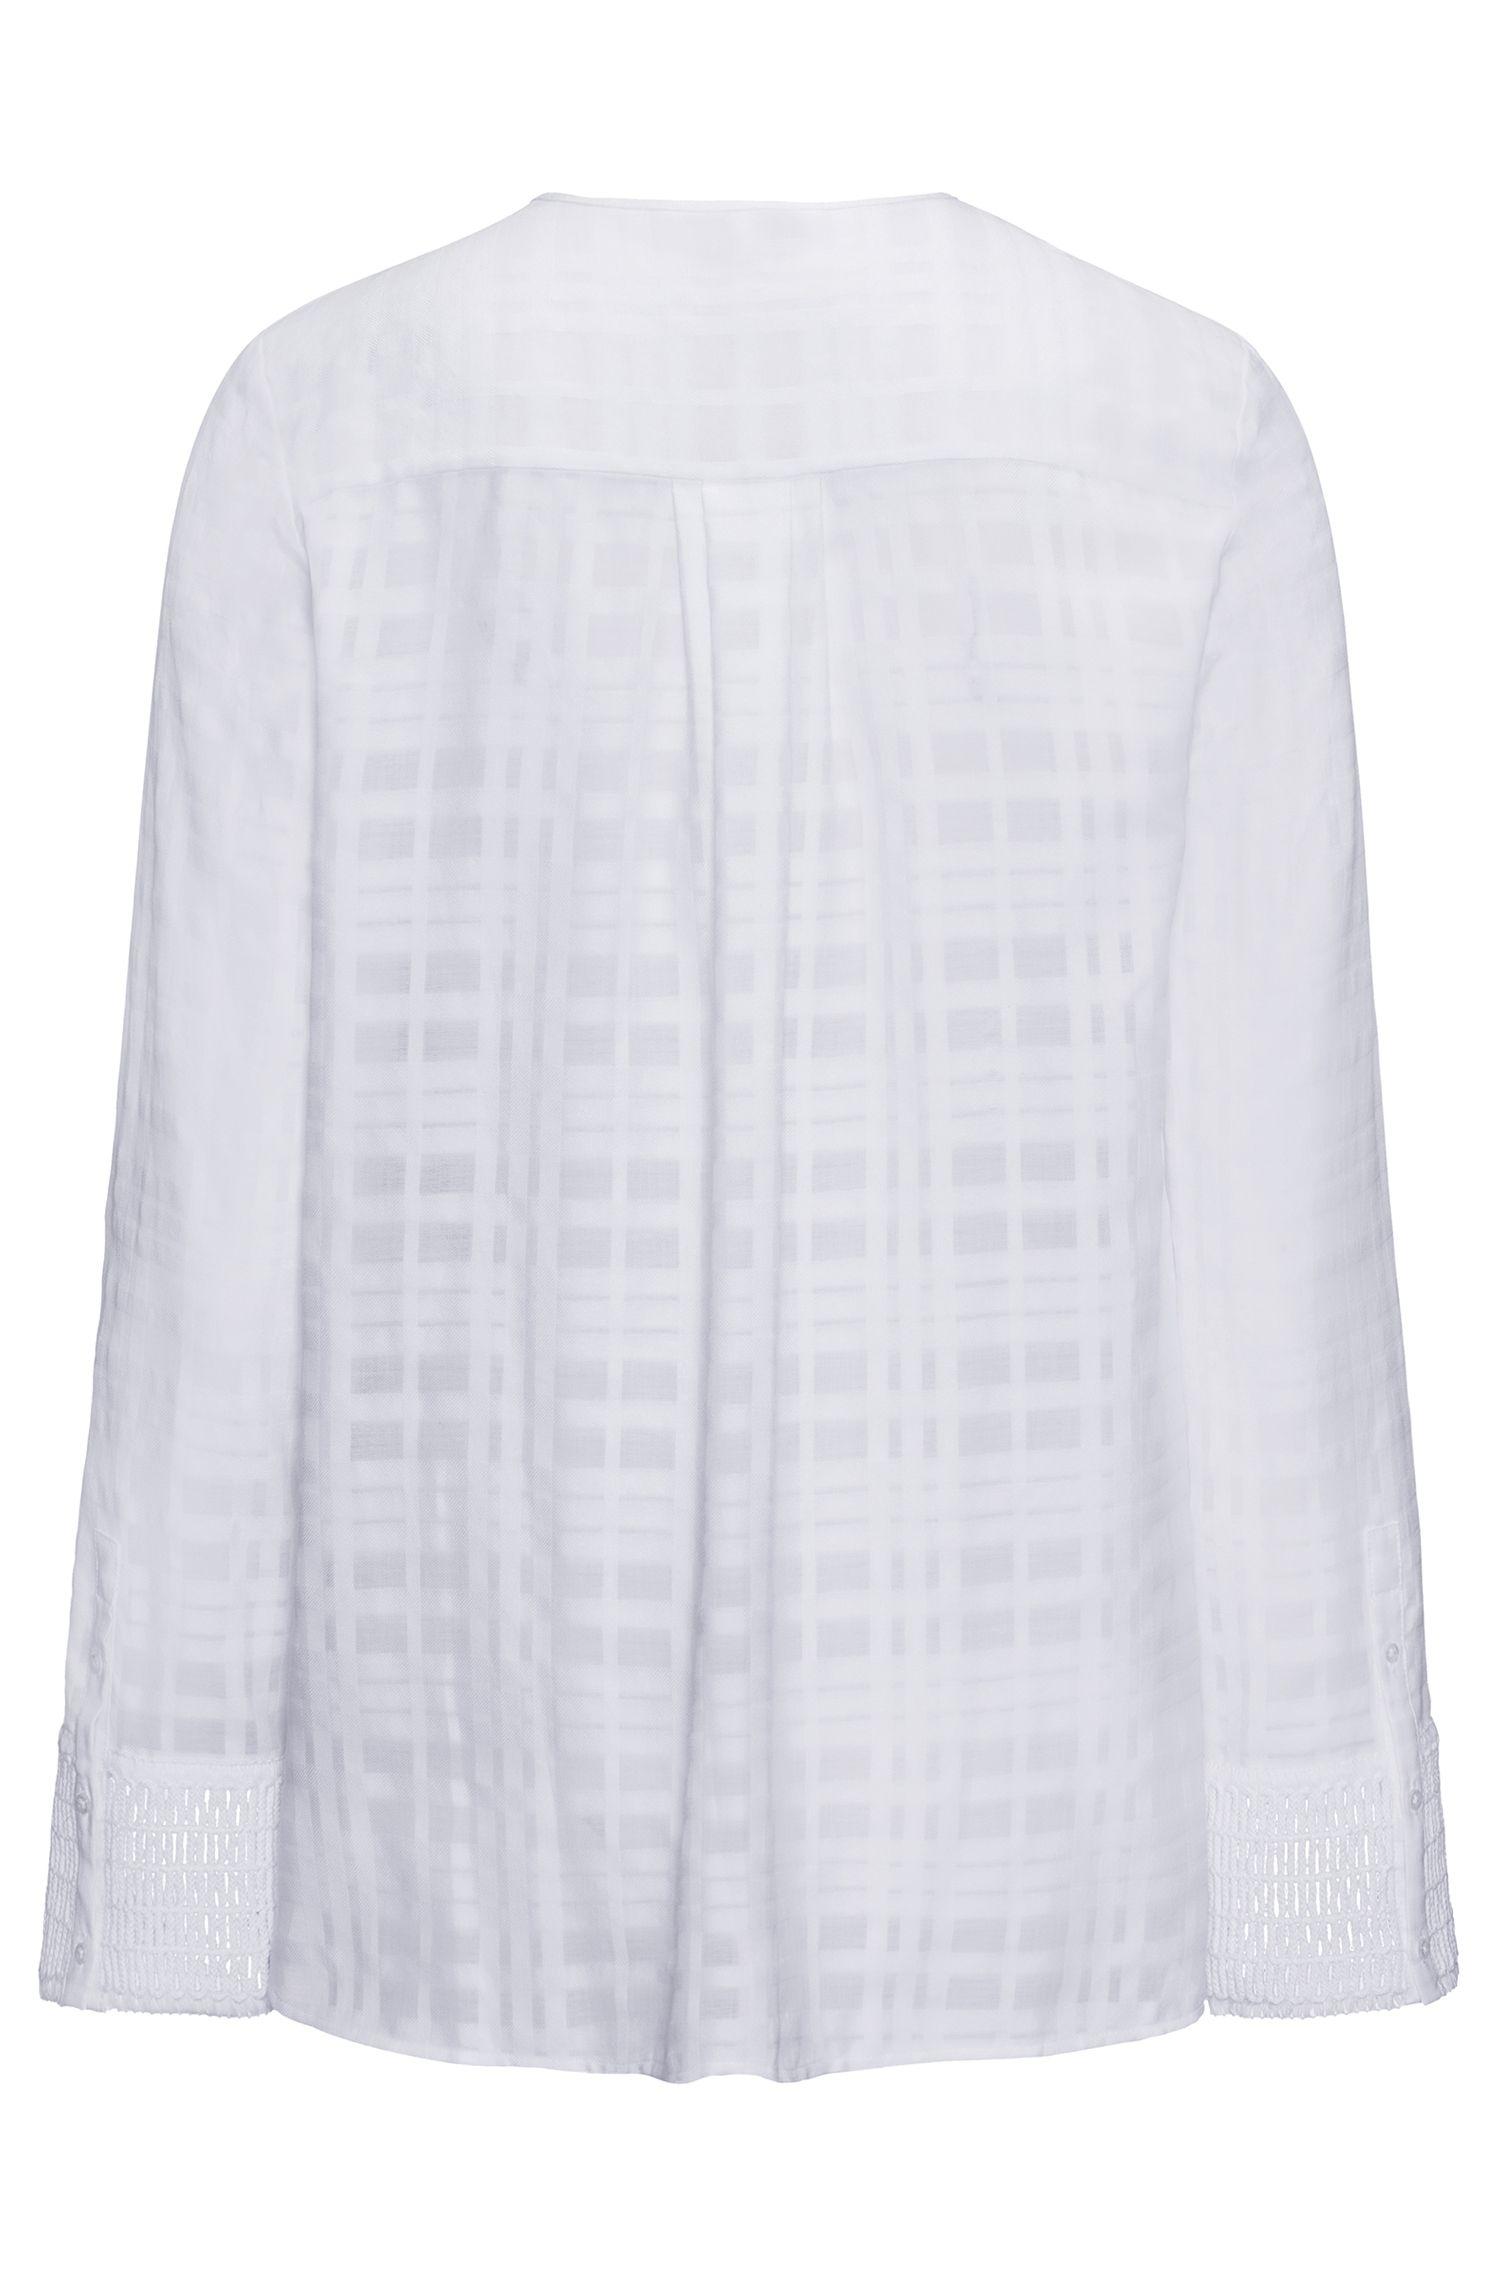 Blusa de algodón sin cuello con detalles de macramé en los puños